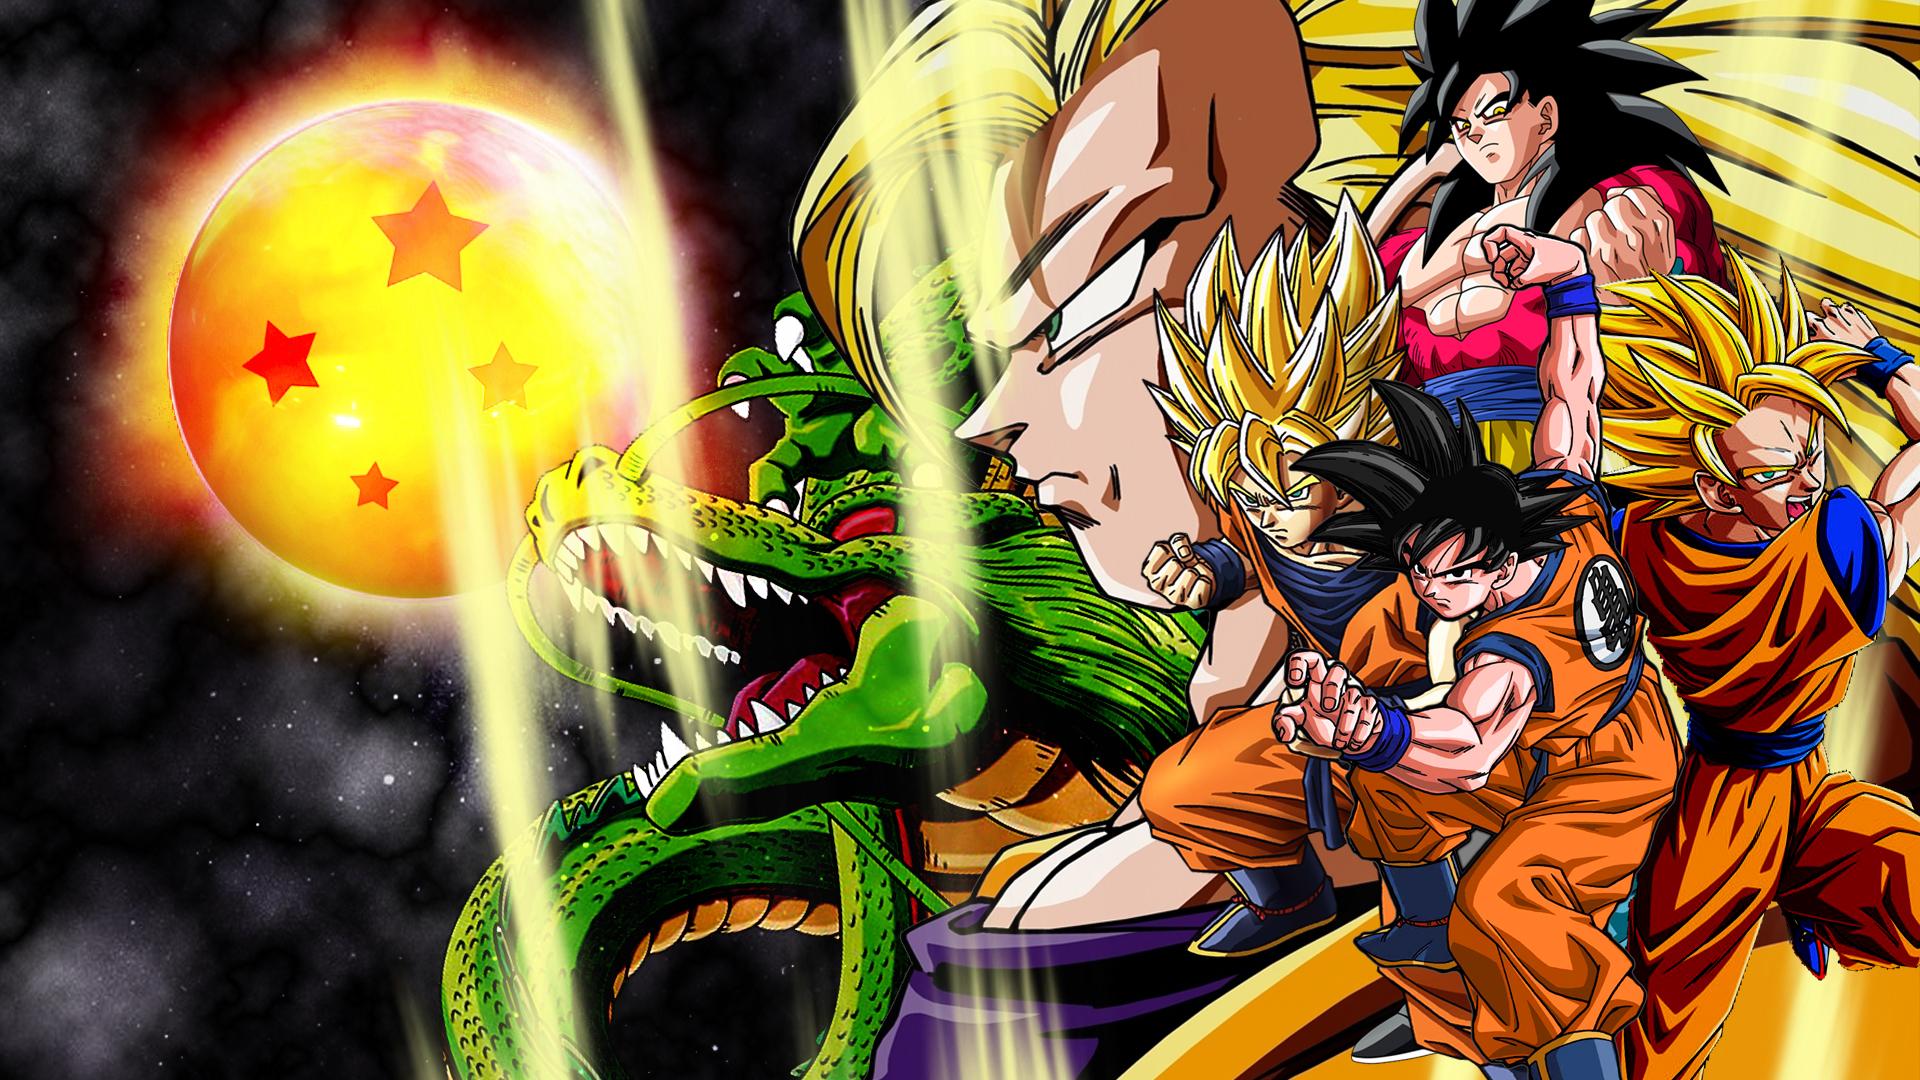 Fondos de Dragon Ball Z Goku Wallpapers para descargar gratis 1920x1080